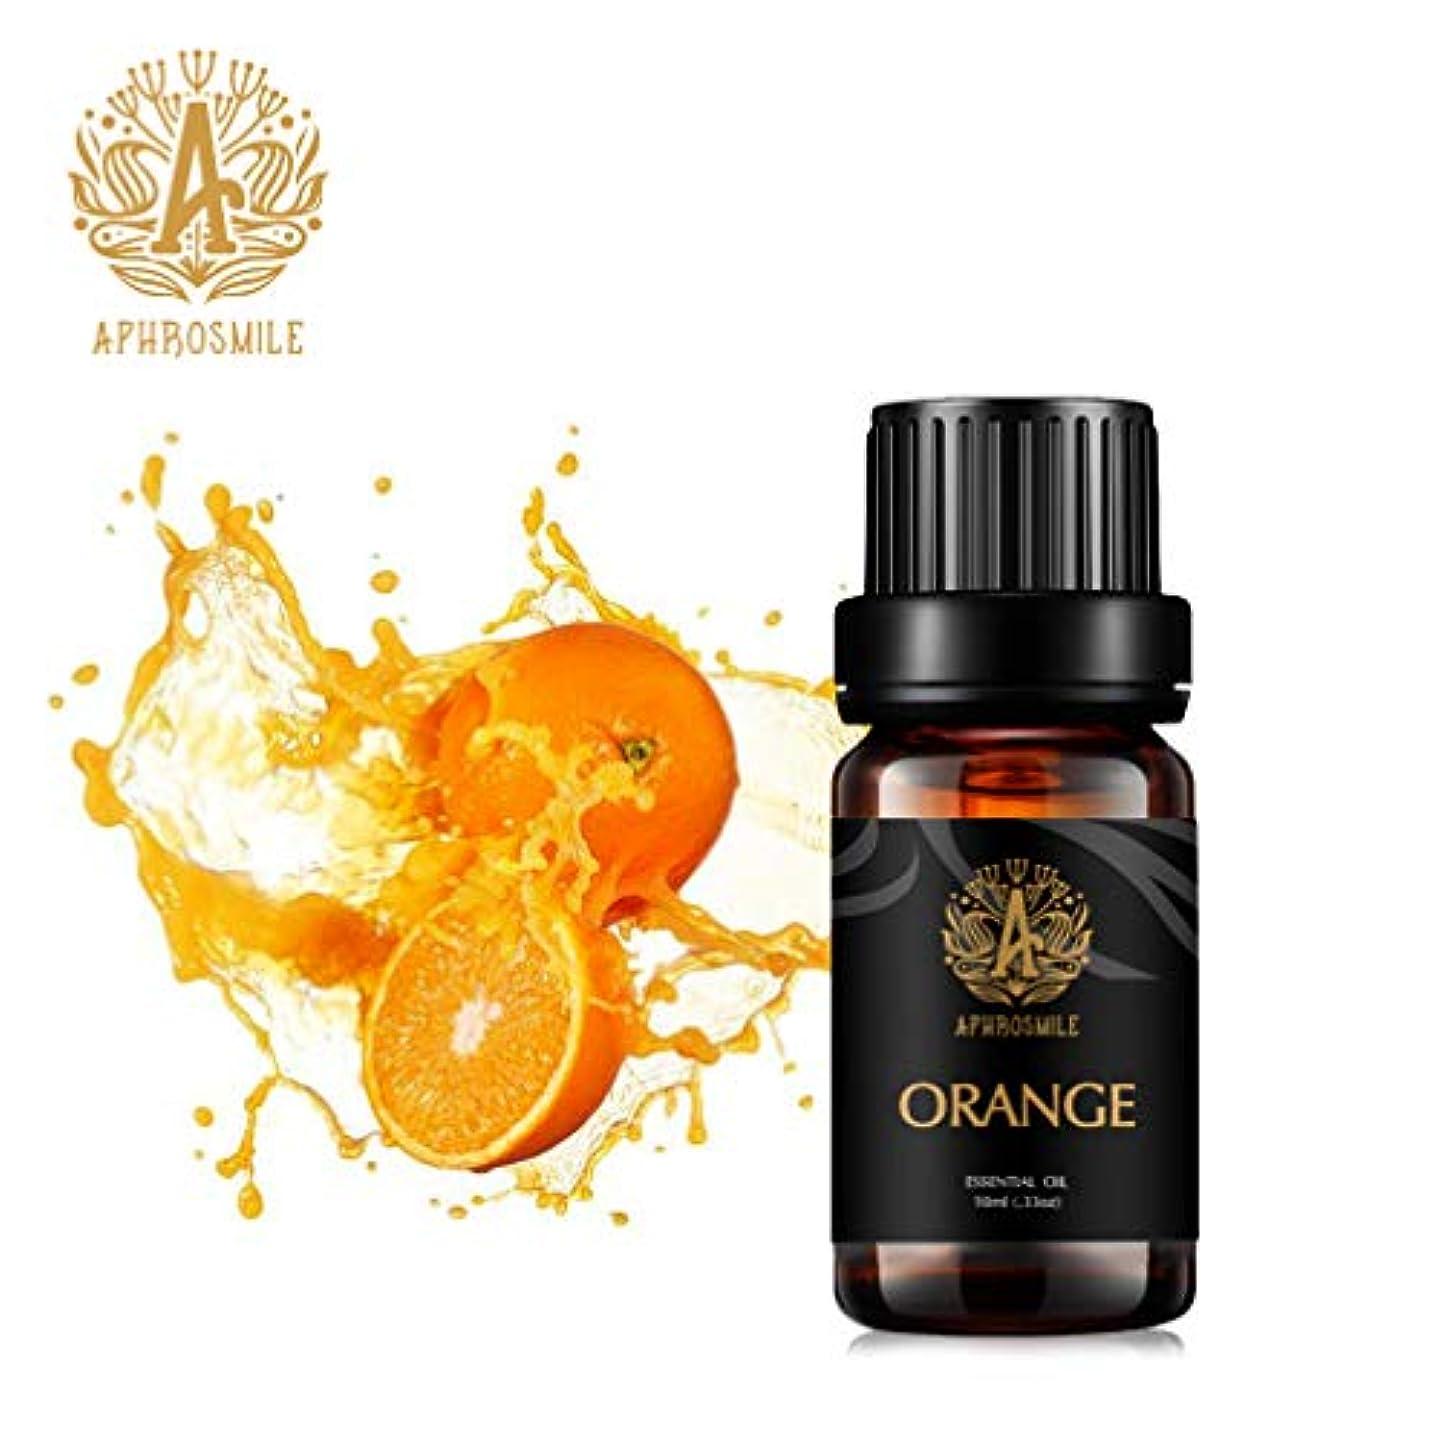 メリー形無条件オレンジエッセンシャルオイル、100%ピュアアロマエッセンシャルオイルオレンジ香り、怒りを和らげる、治療用グレードエッセンシャルオイルオレンジの香り、為にディフューザー、マッサージ、加湿器、デイリーケア、0.33オンス-...